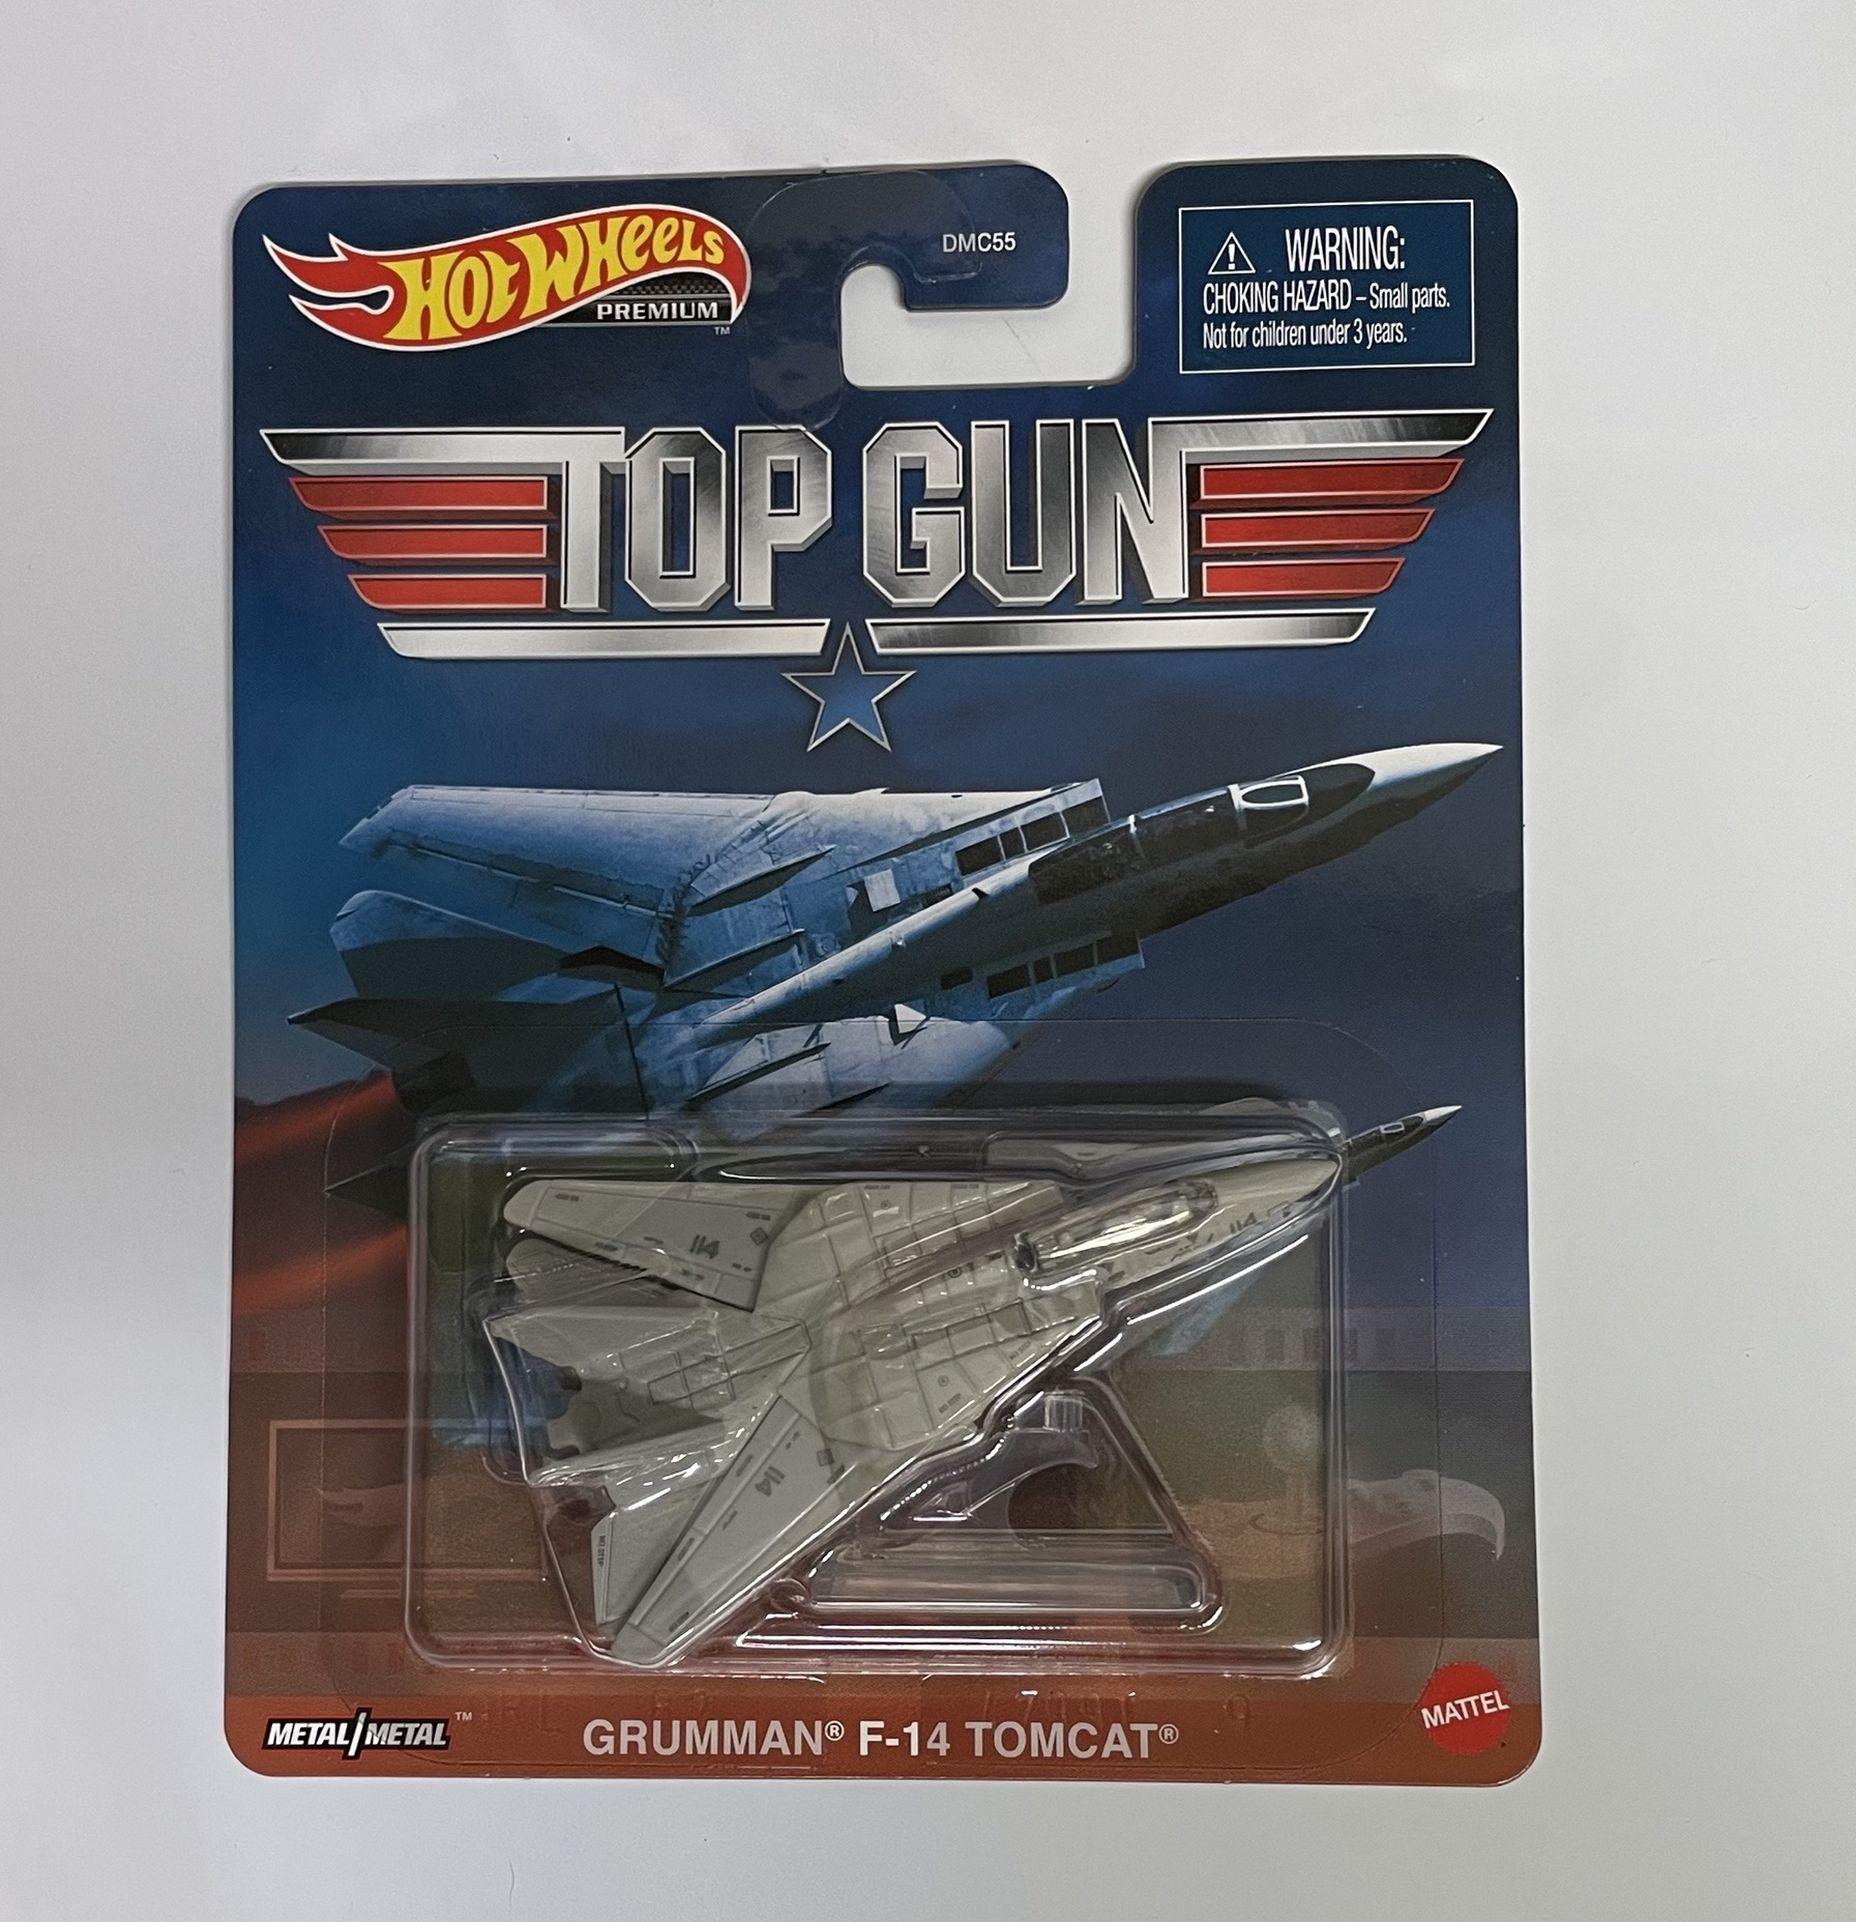 Hot Wheels Premium Top Gun Grumman F-14 Tomcat